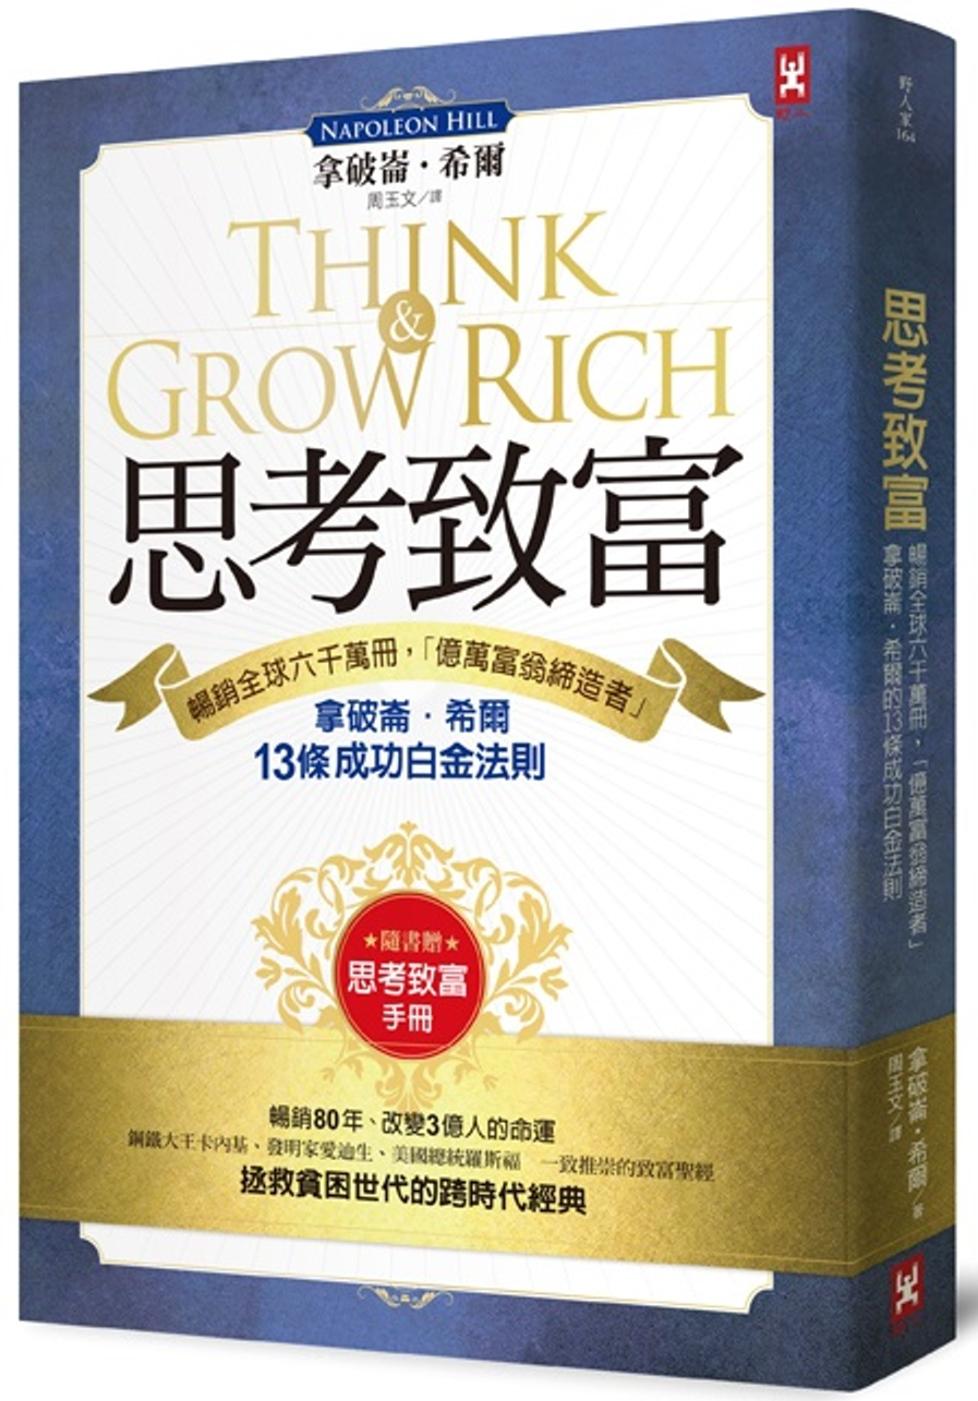 思考致富:暢銷全球六千萬冊,「億萬富翁締造者」拿破崙‧希爾的13條成功白金法則(隨書贈「思考致富實踐手冊」)